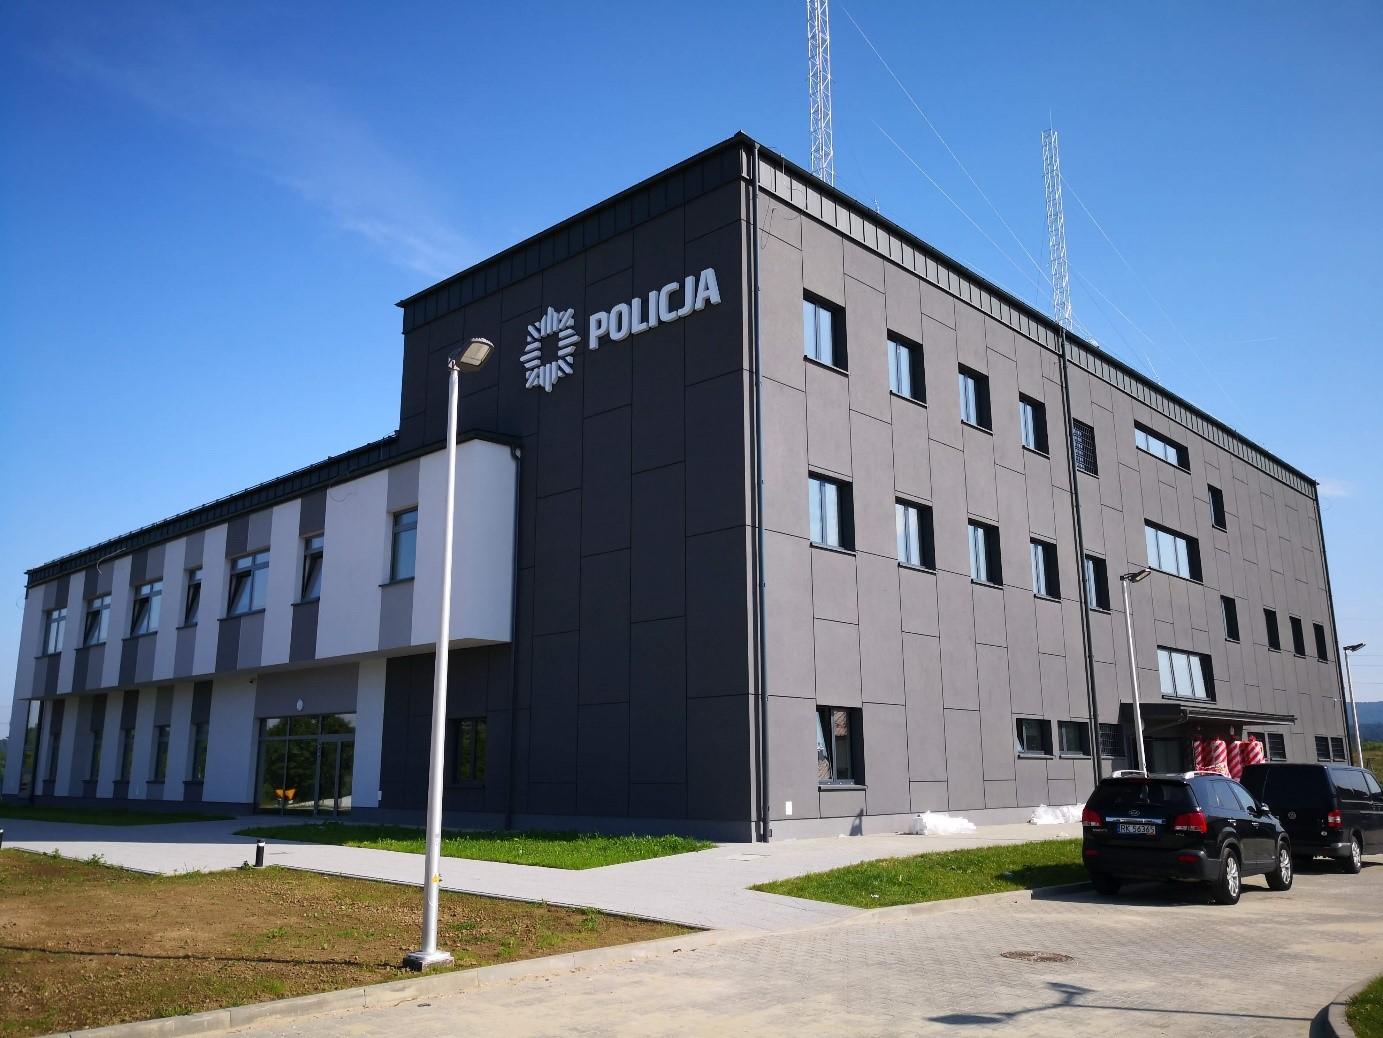 Komenda Policji w Lesku Rodzaj budynku: budynek użyteczności publicznej Powierzchnia użytkowa: 2484,54 m2 Kubatura: 14434,9 m3